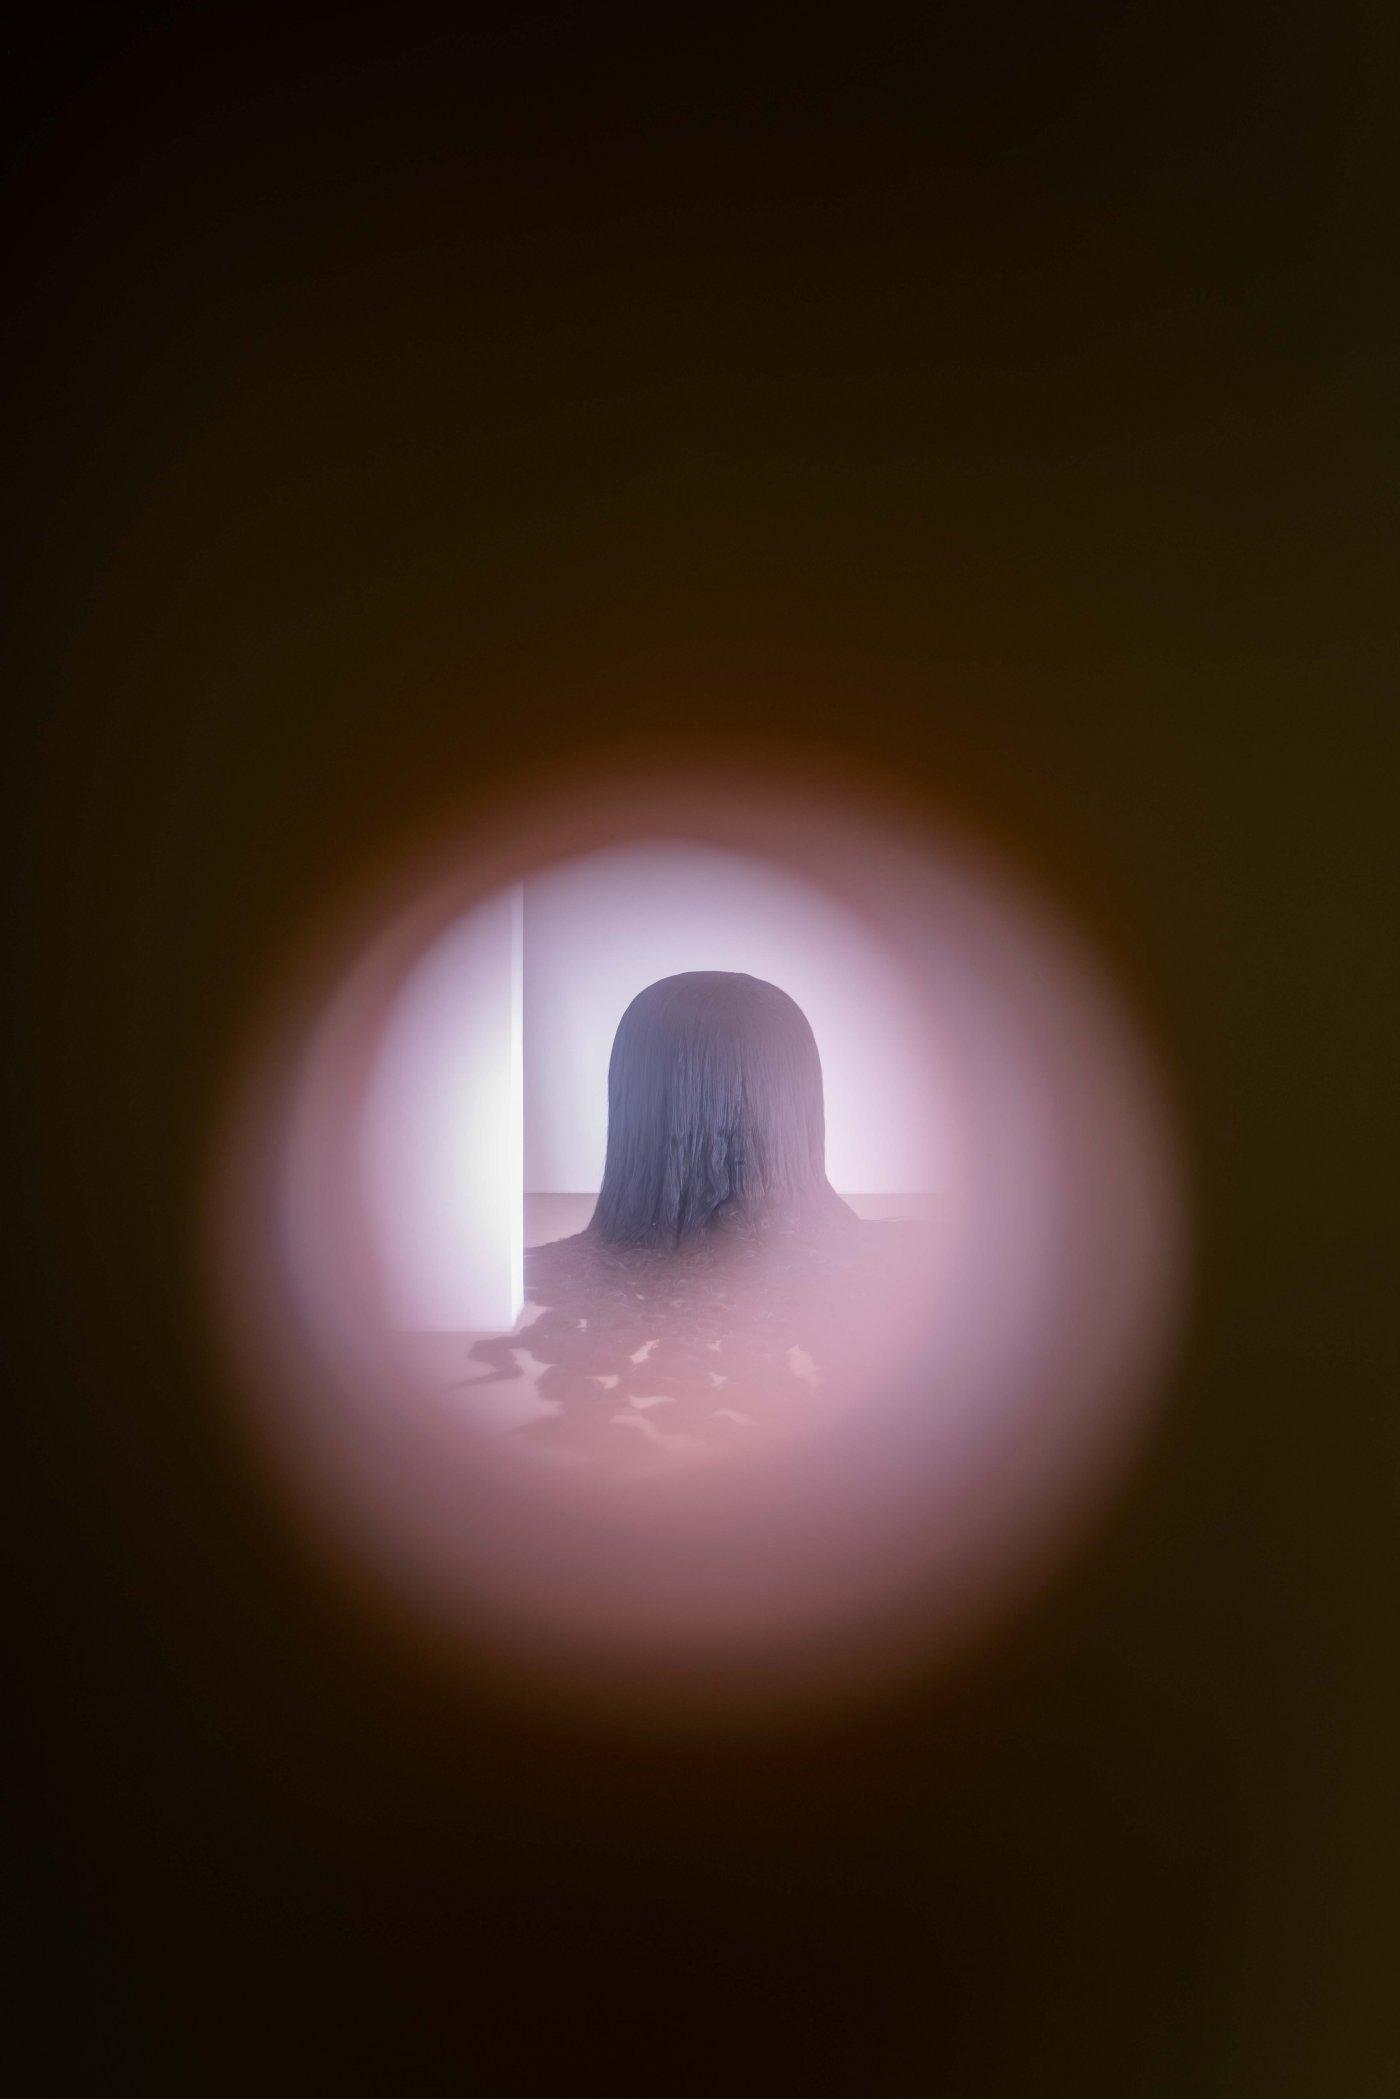 Galerie Chantal Crousel Dominique Gonzalez-Foerster 6